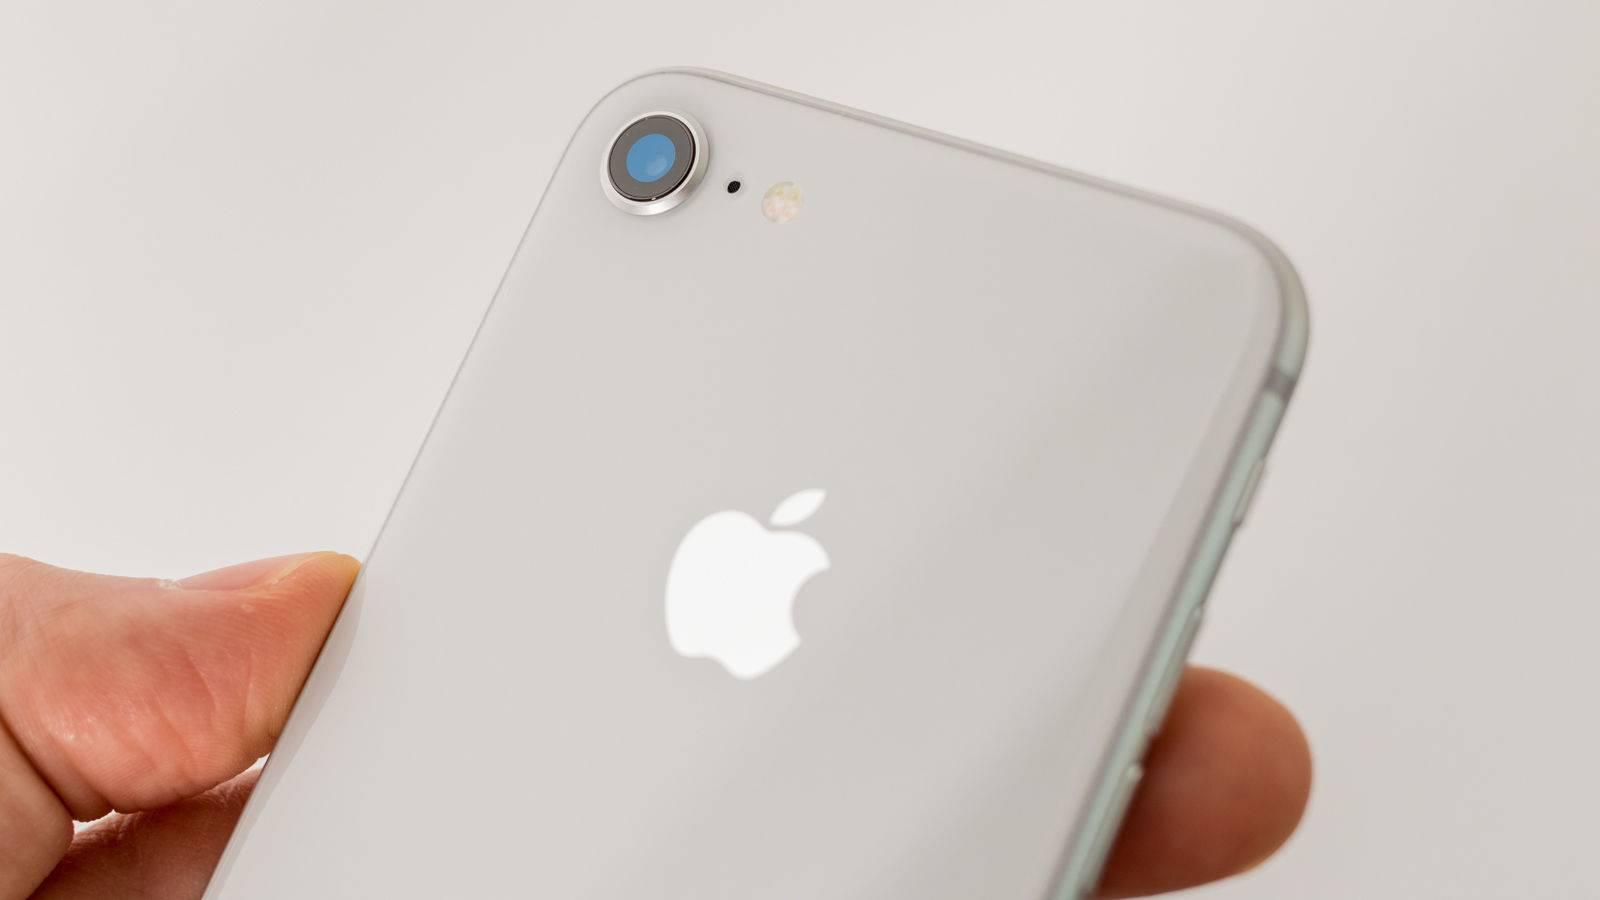 iPhone SE 2 succes Apple